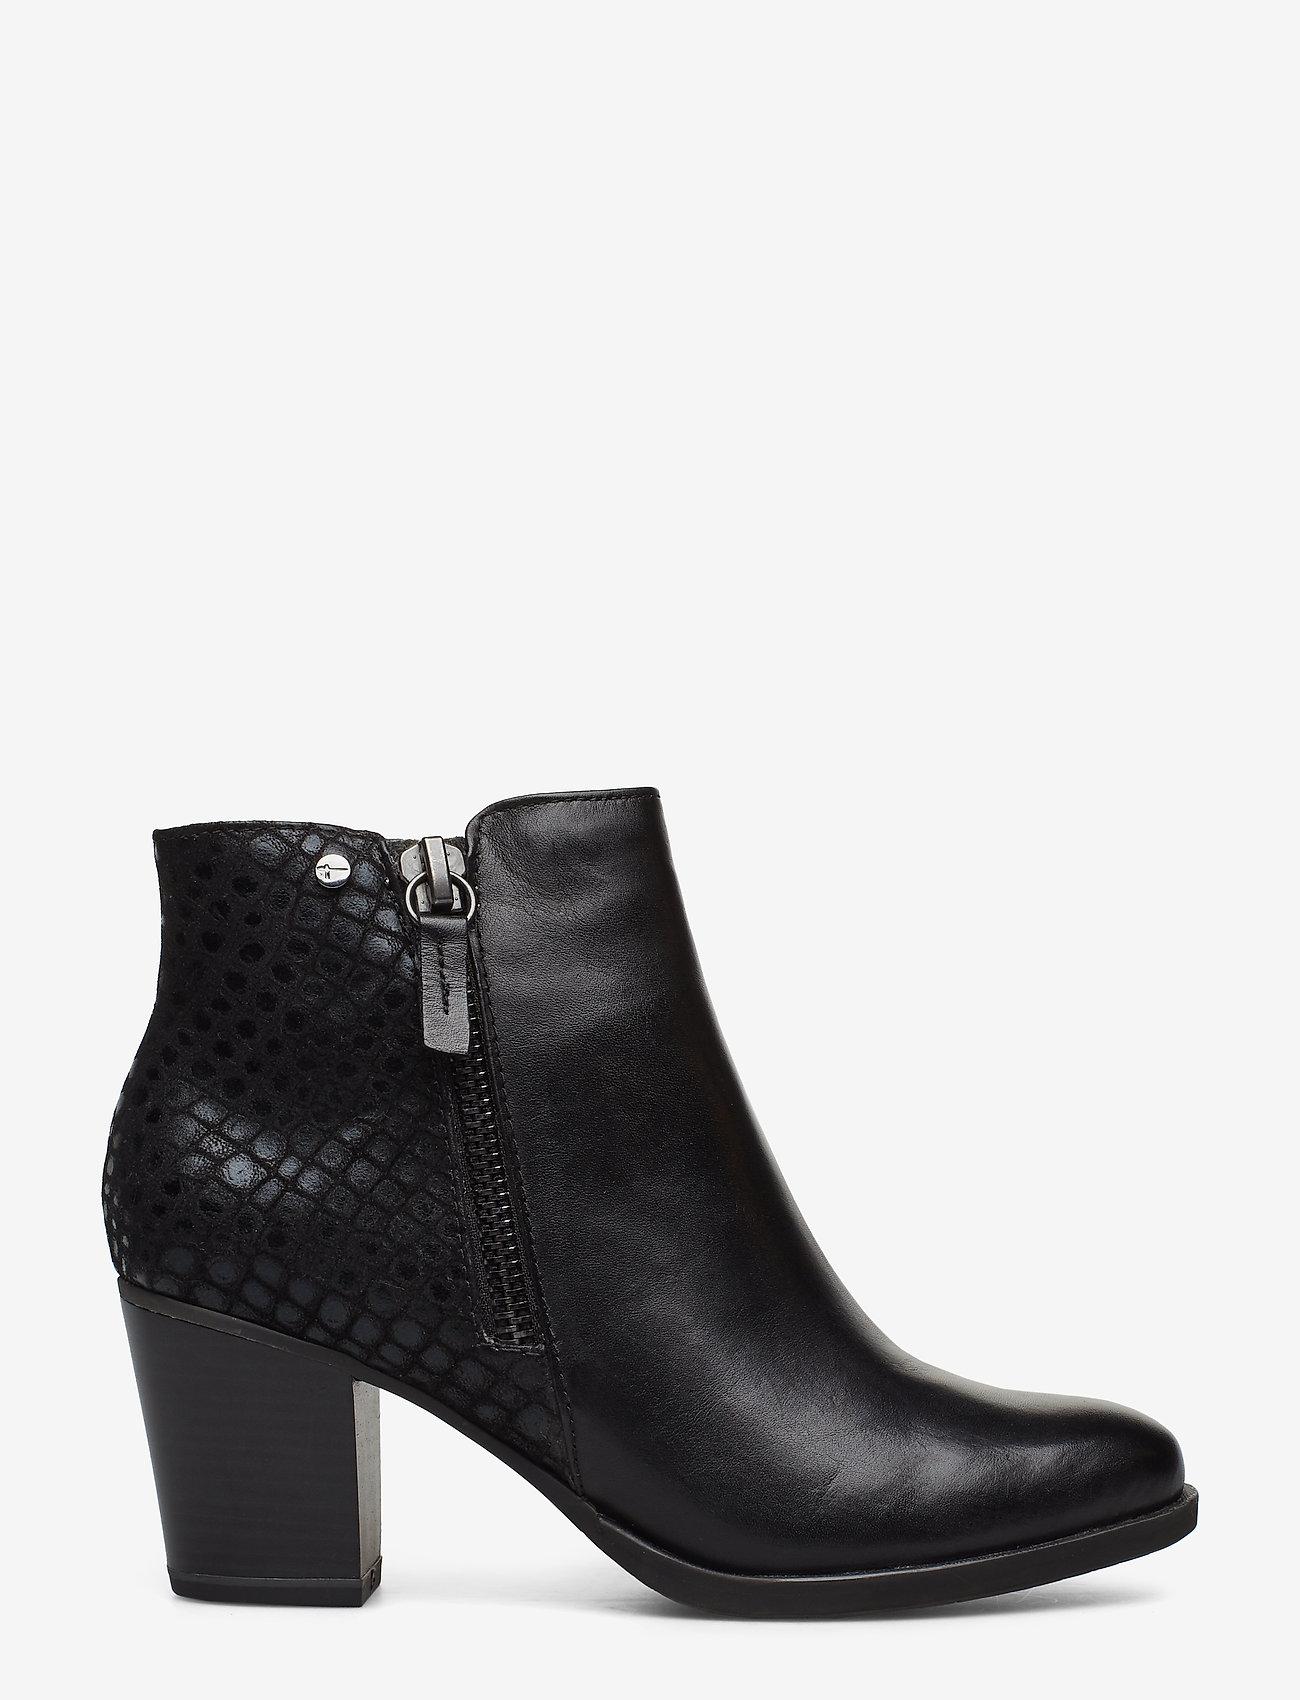 Tamaris - Boots - ankelstøvler med hæl - black - 1